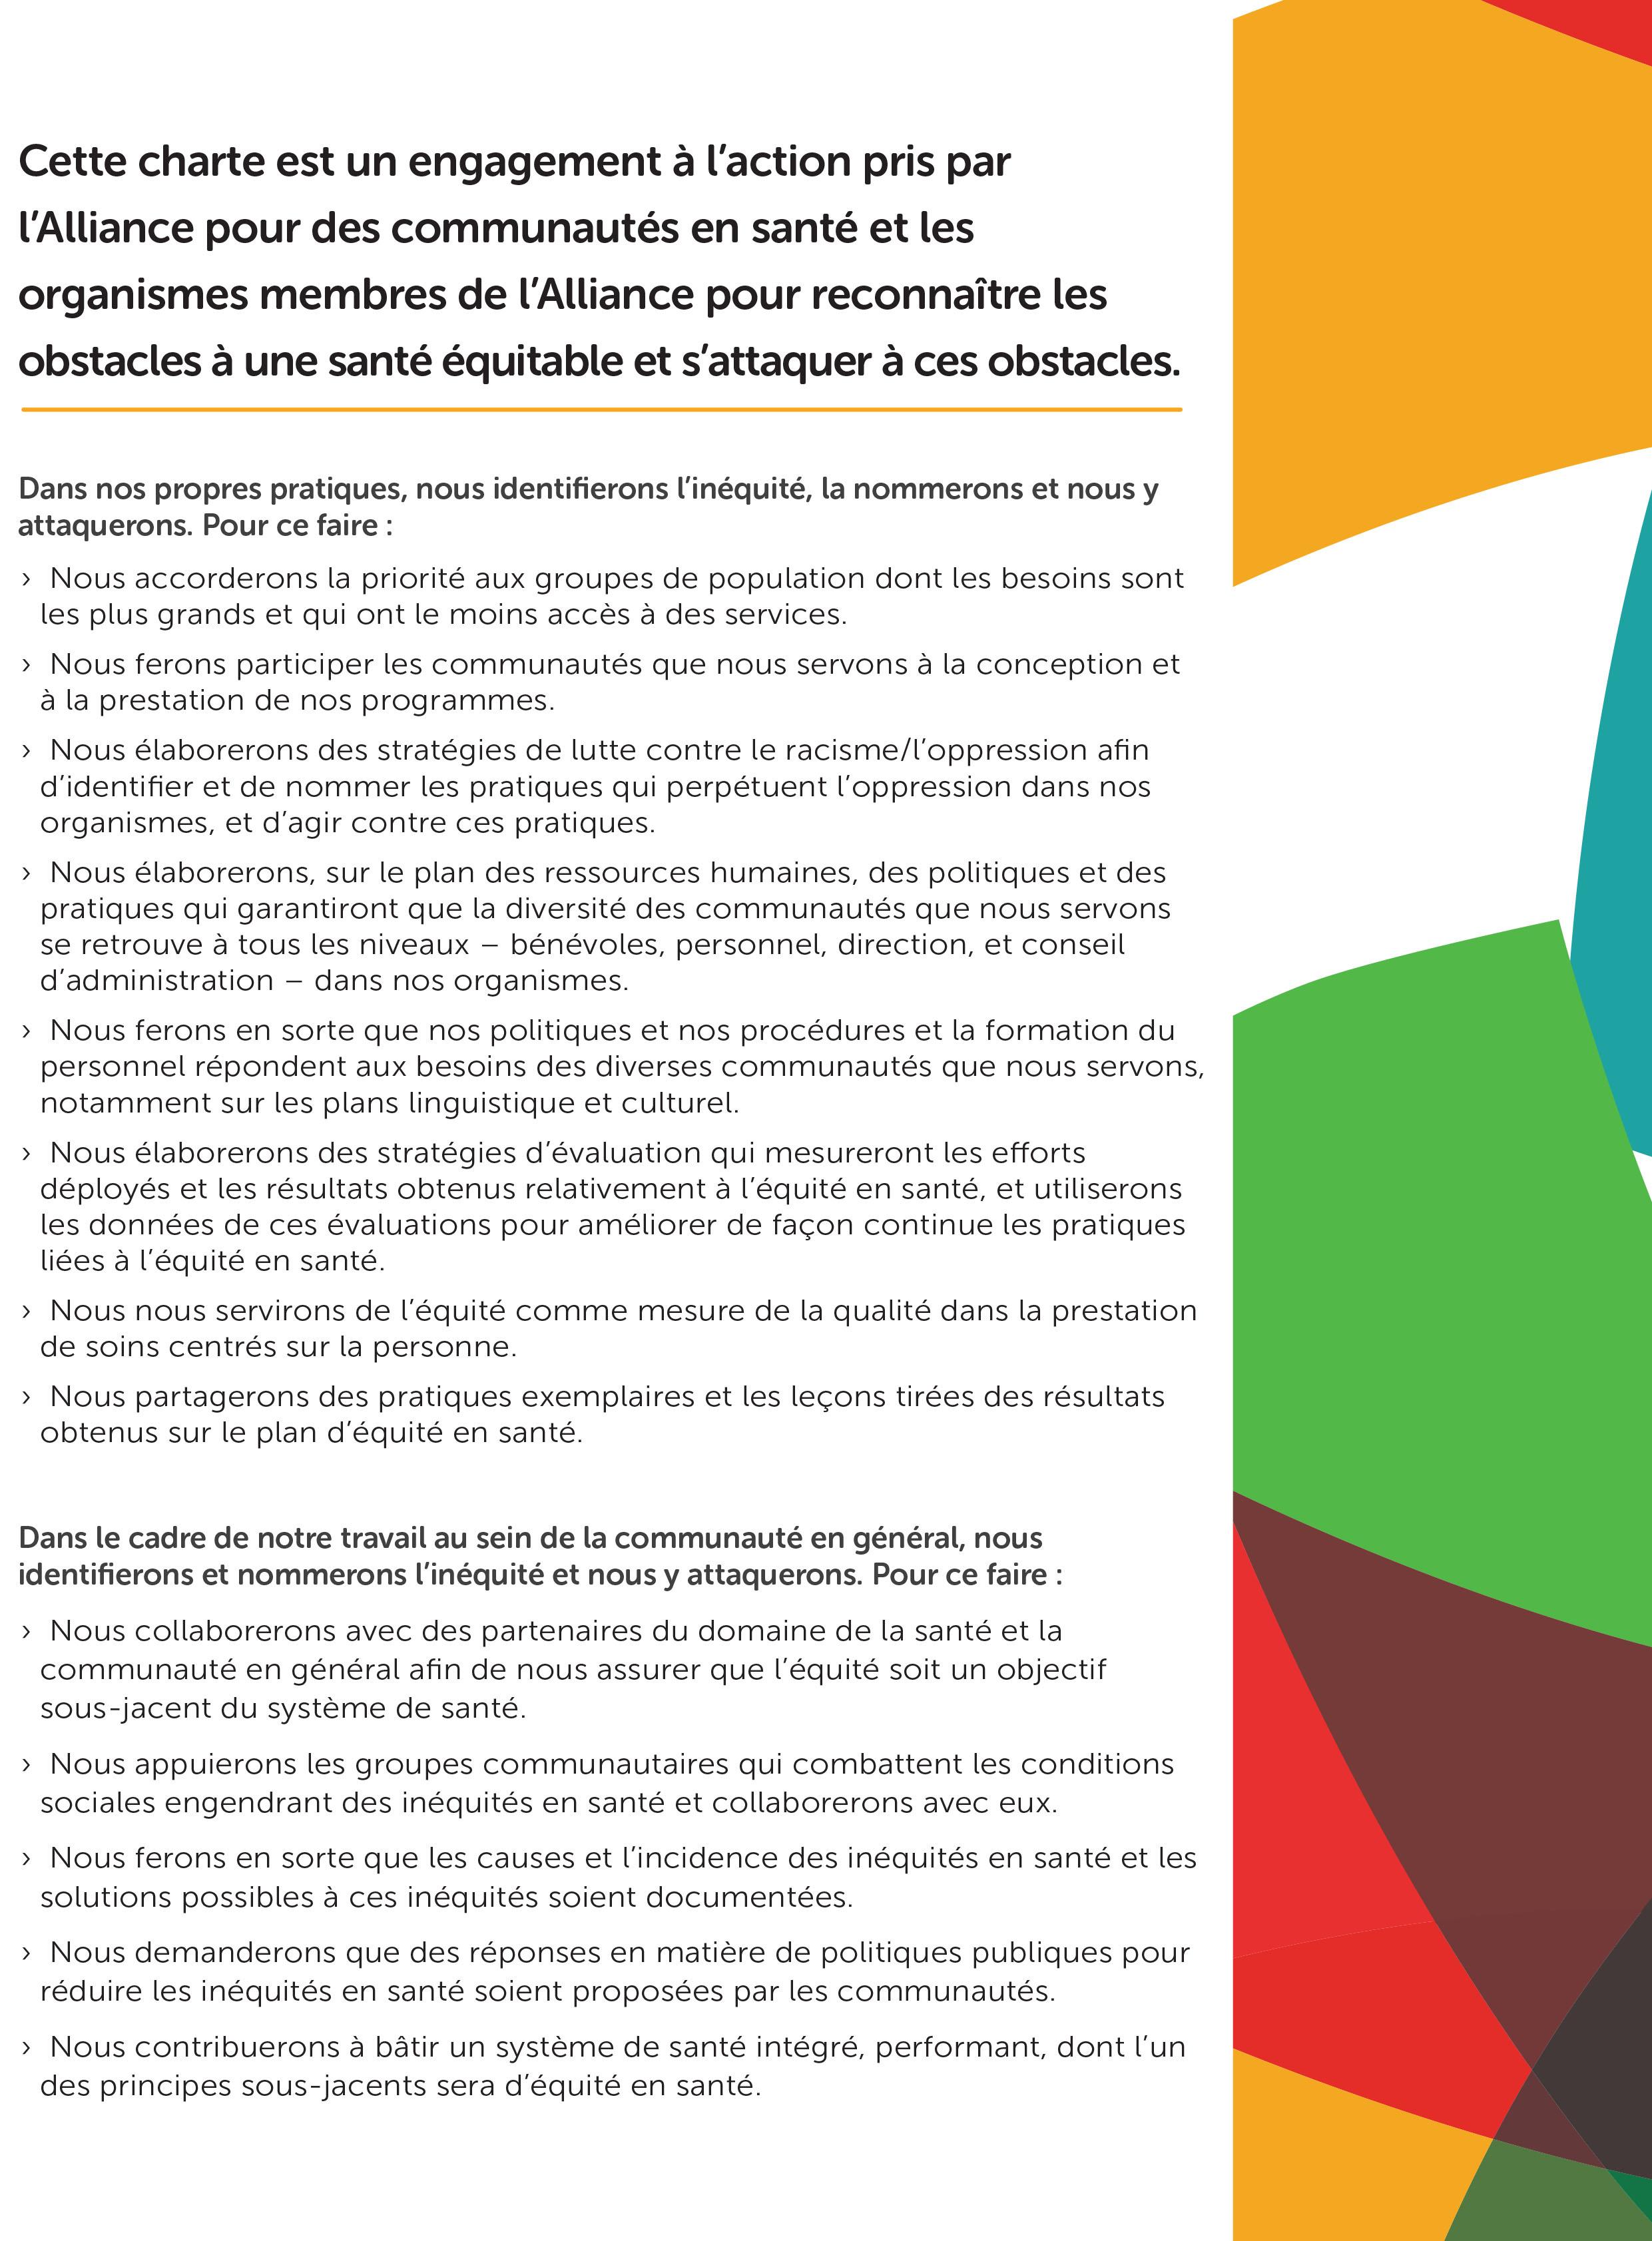 Charte pour l'équité en santé